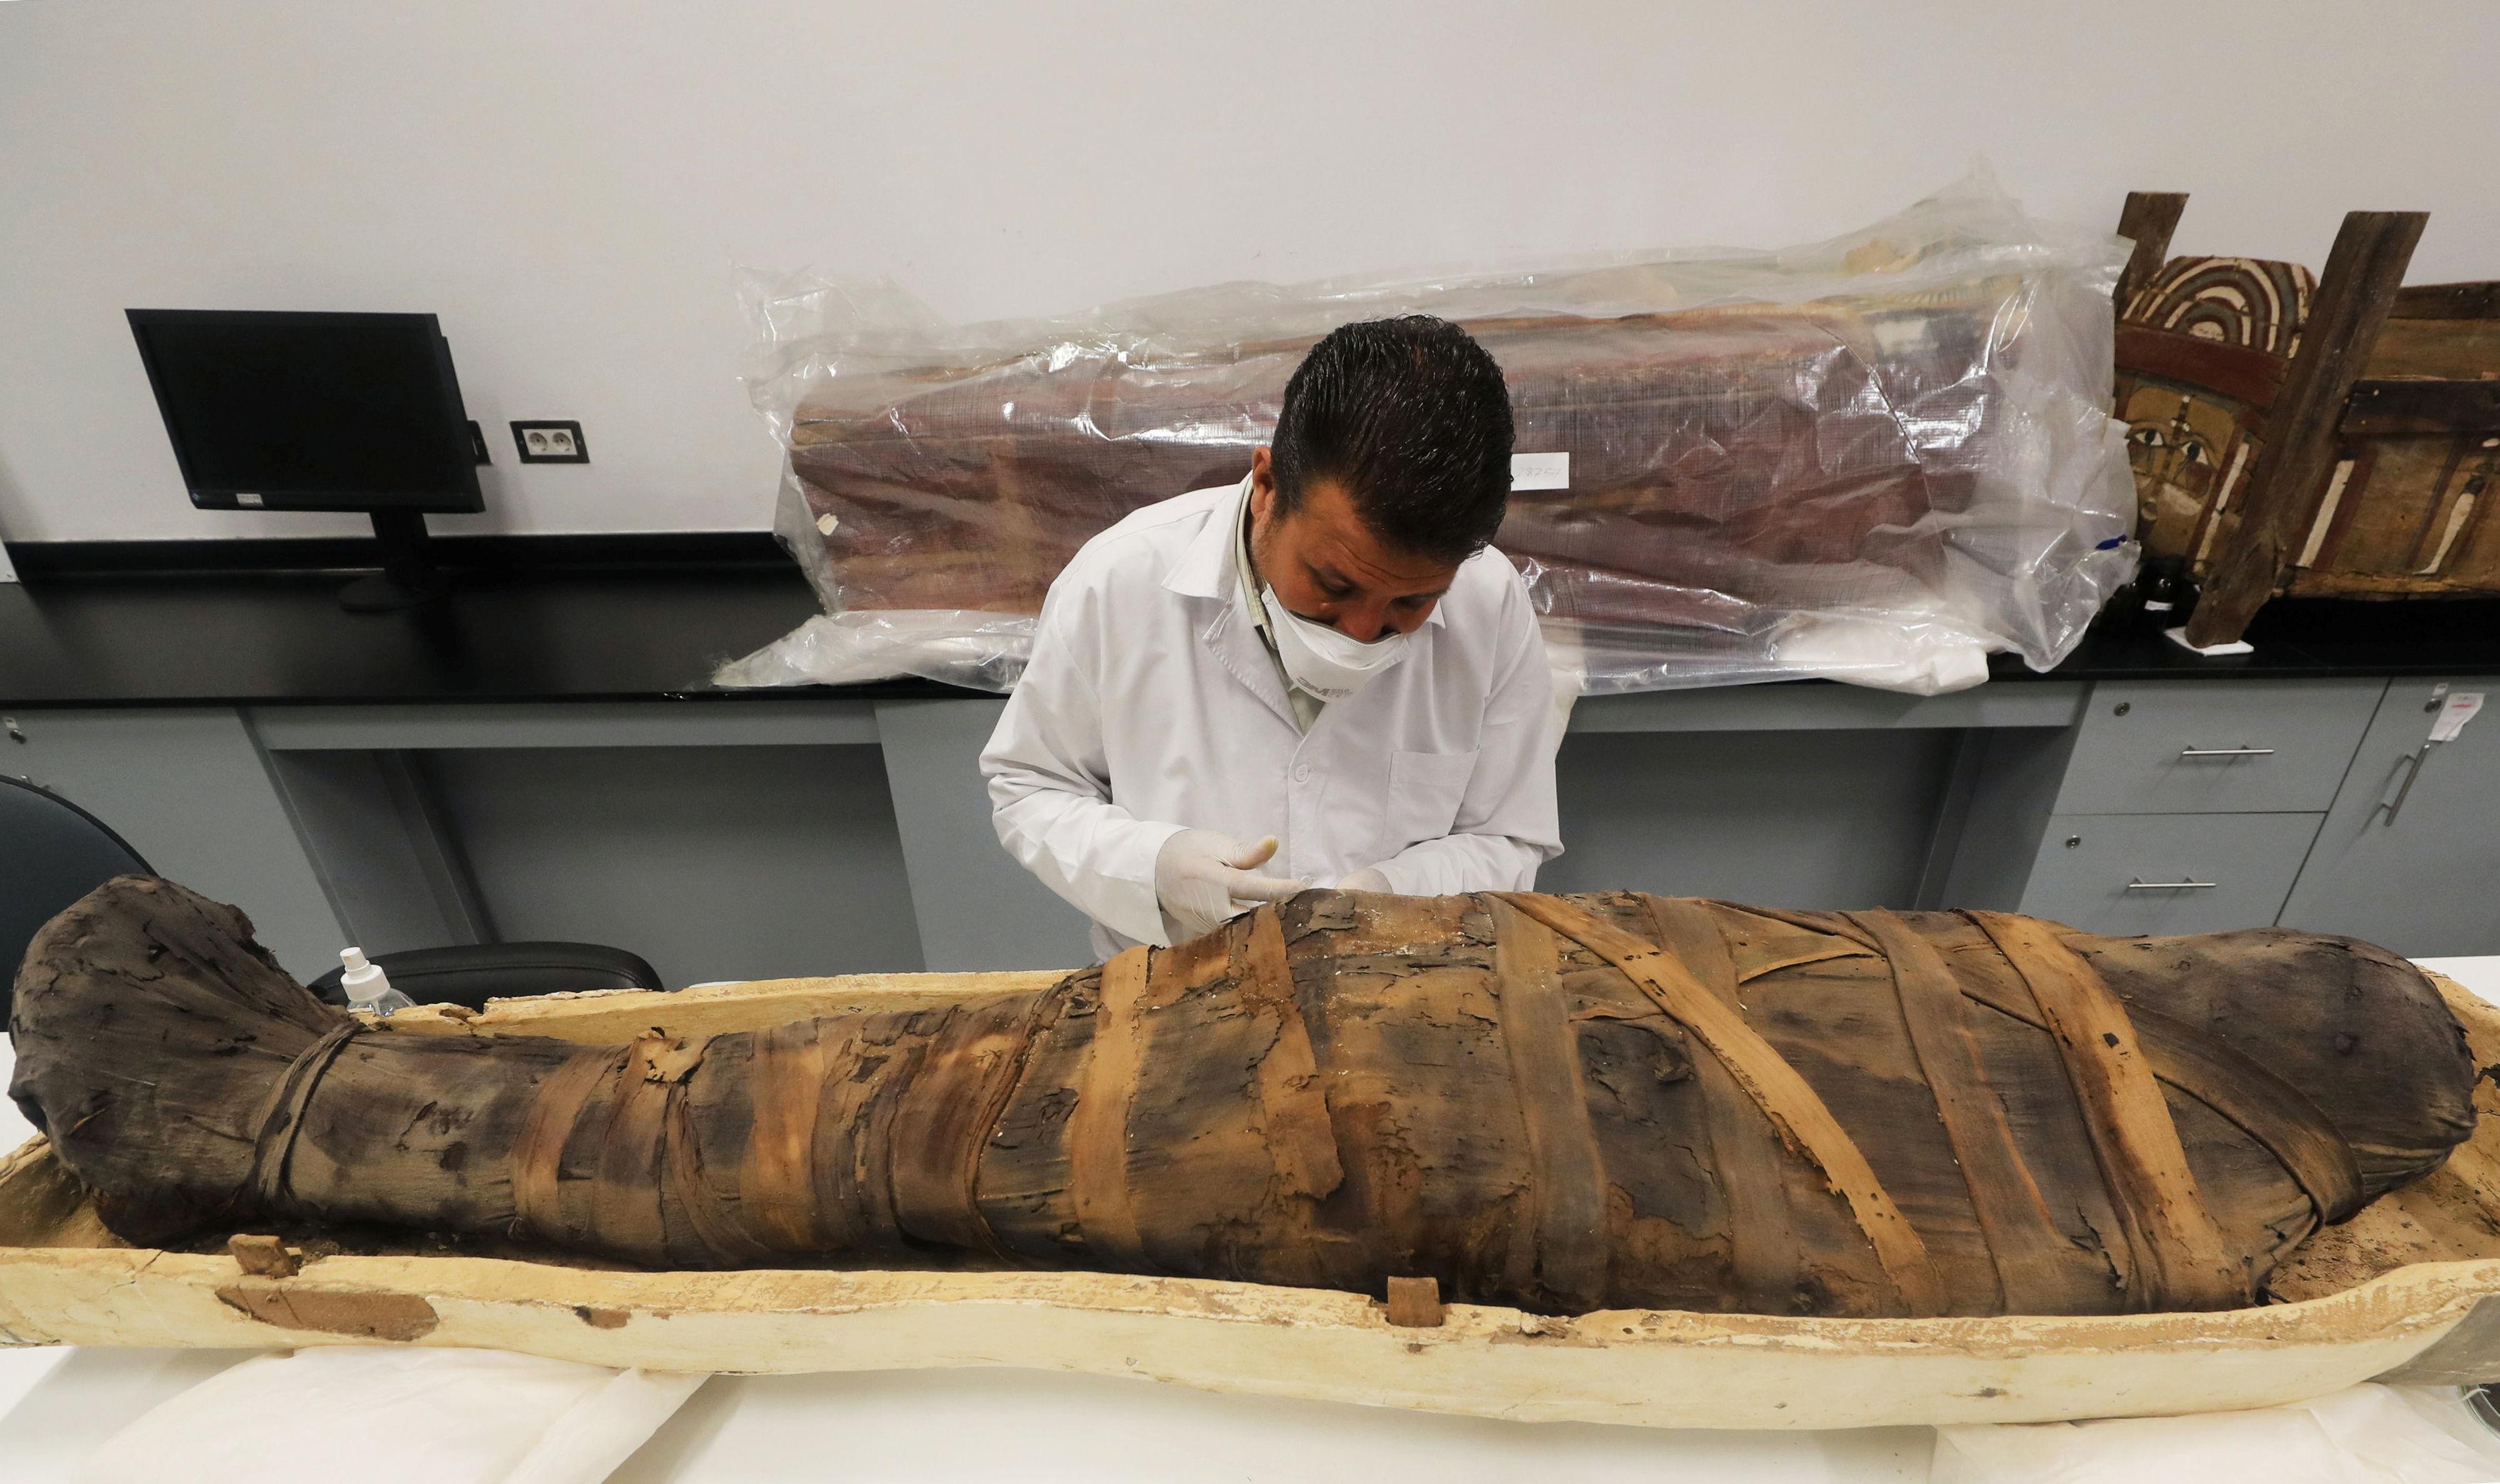 aigyptos-paroysiasthike-i-ypo-apokatastasi-sarkofagos-toy-toytagchamon-fotografies2